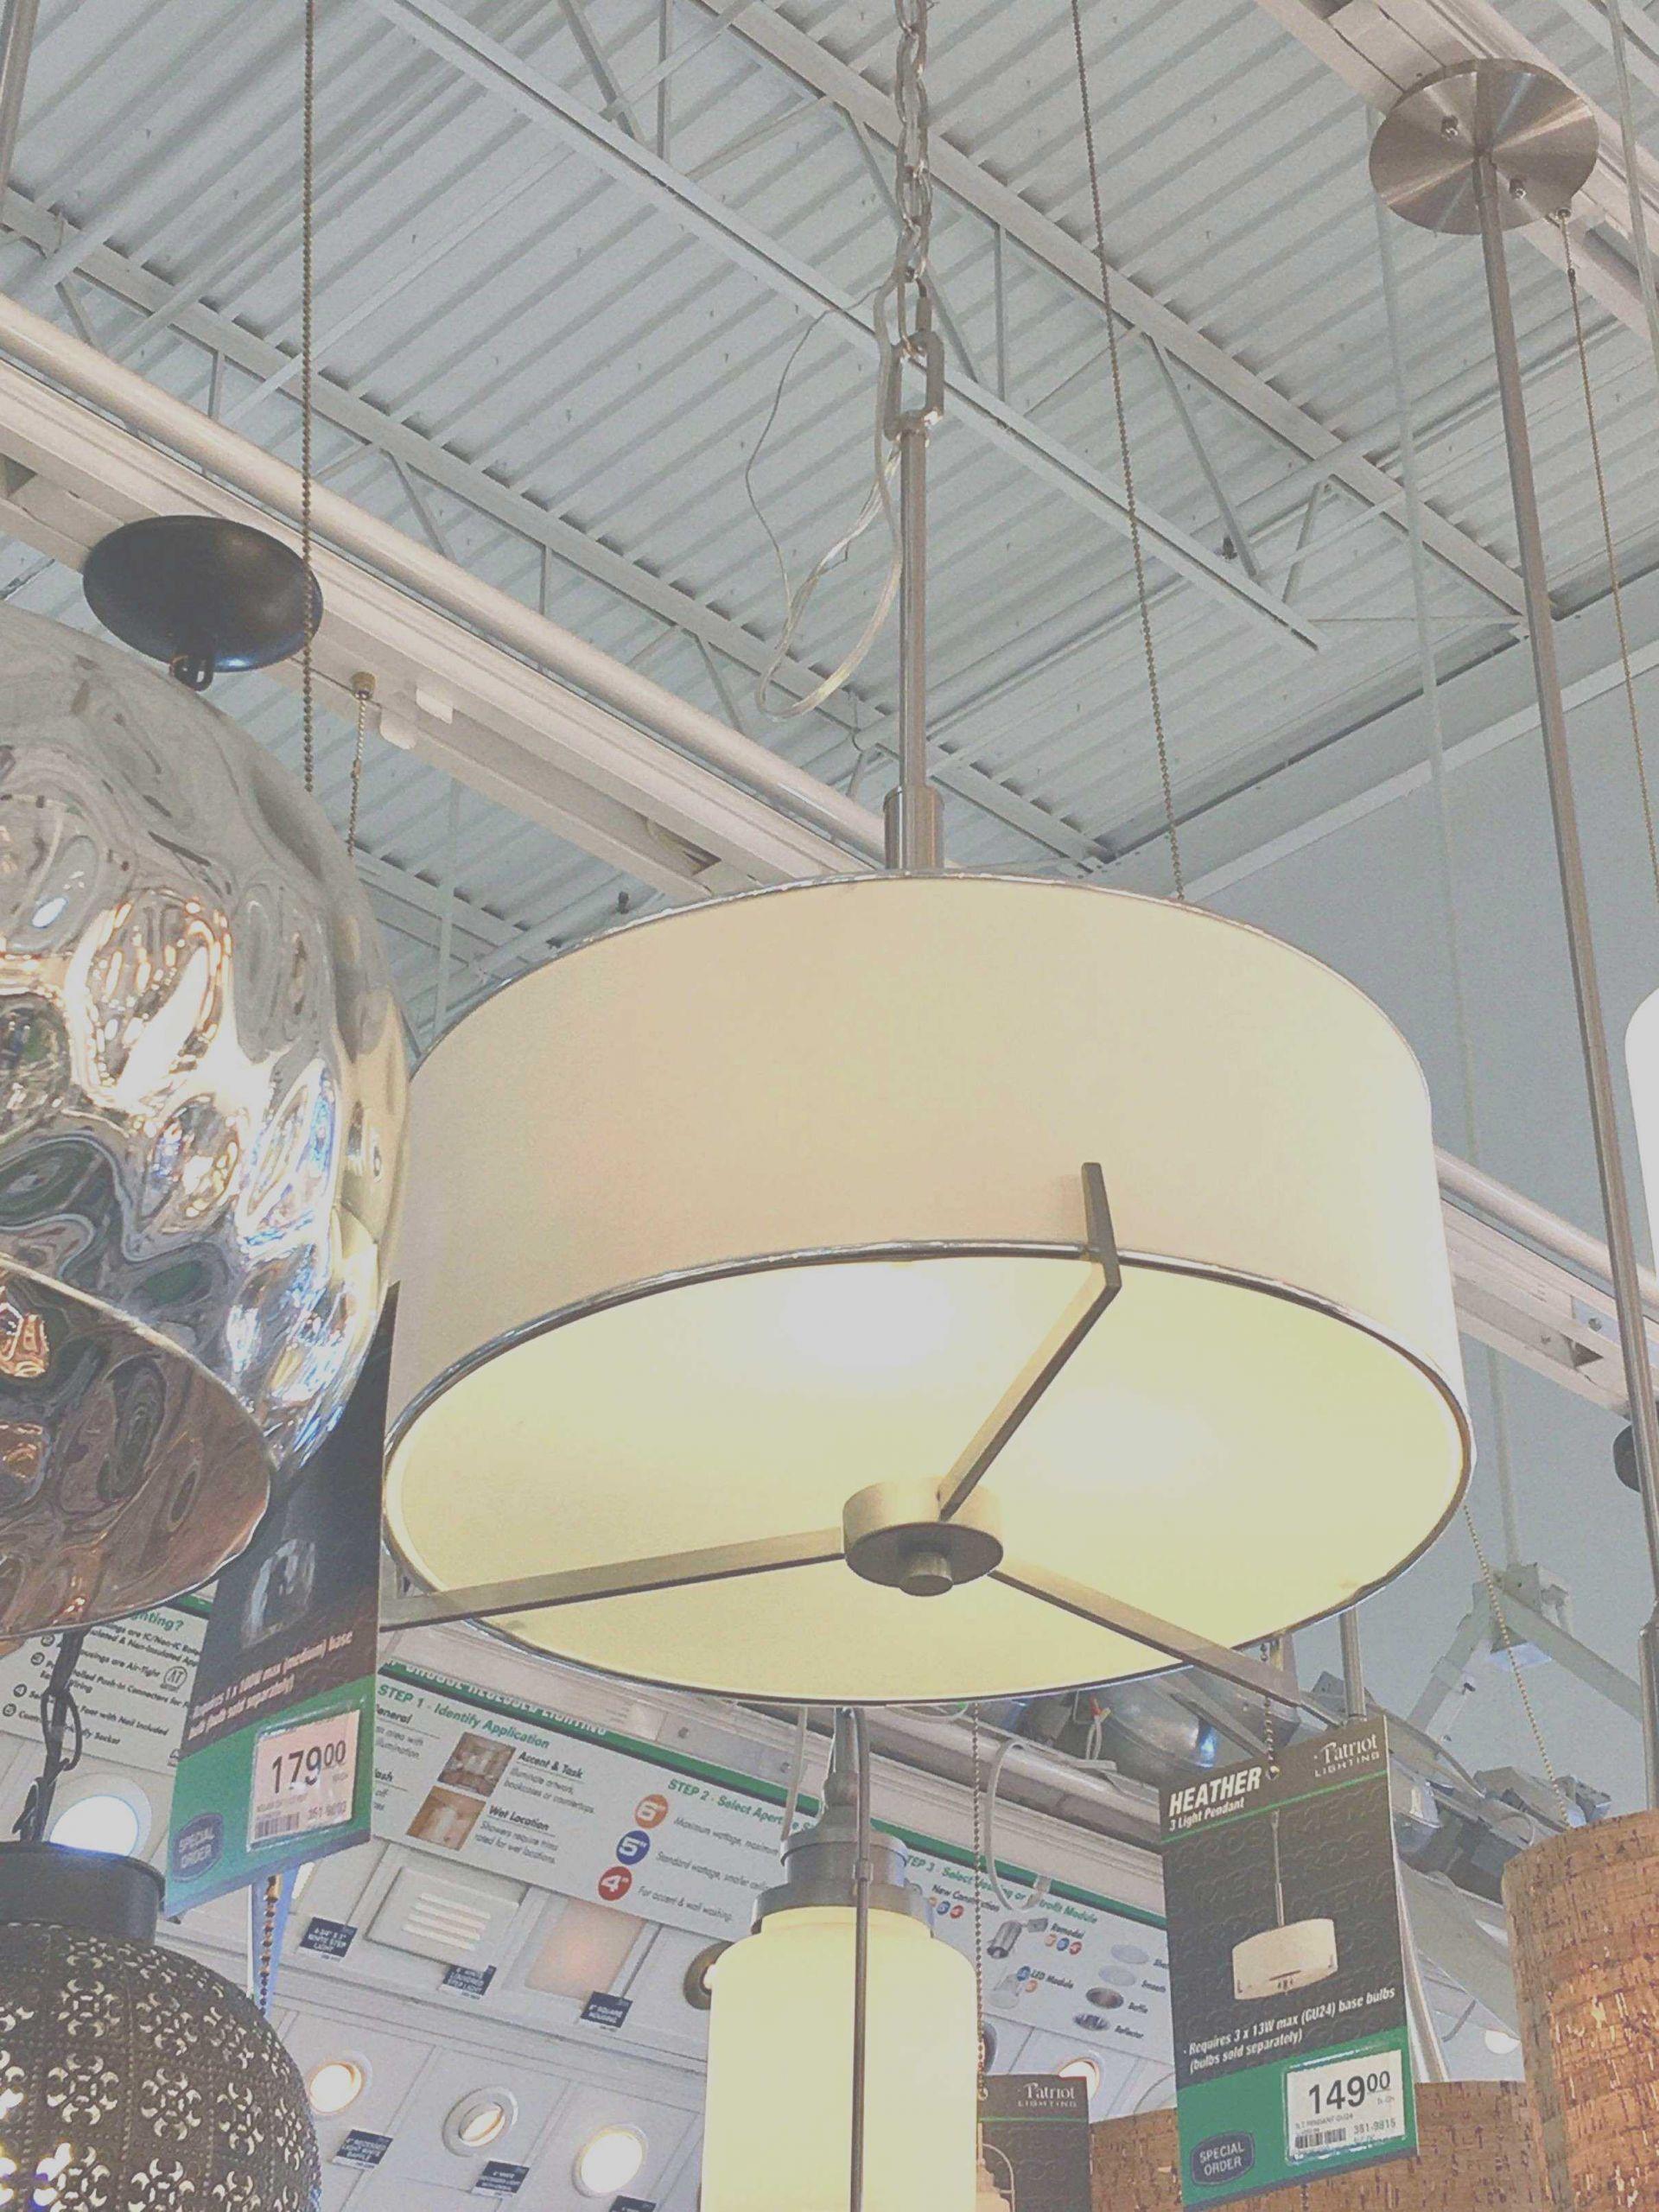 Full Size of Wohnzimmer Lampen Stehend Wohnzimmer Lampen Schienensystem Wohnzimmer Lampen Kaufen Wohnzimmer Lampen Indirekte Beleuchtung Wohnzimmer Wohnzimmer Lampen